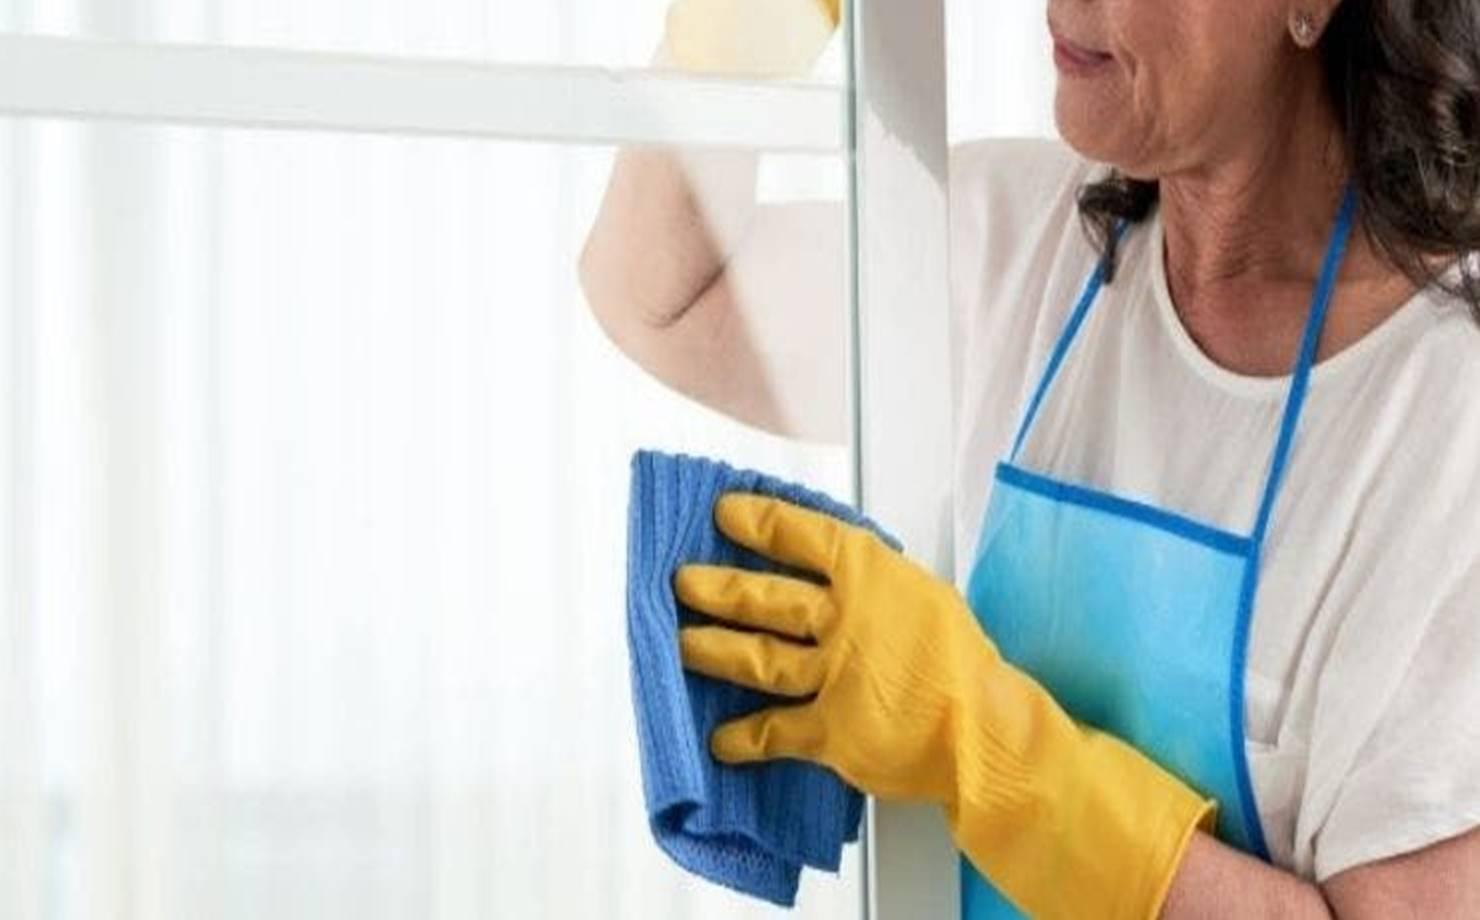 Dicas para desinfetar superfícies de cozinha e evitar o contágio por Covid-19